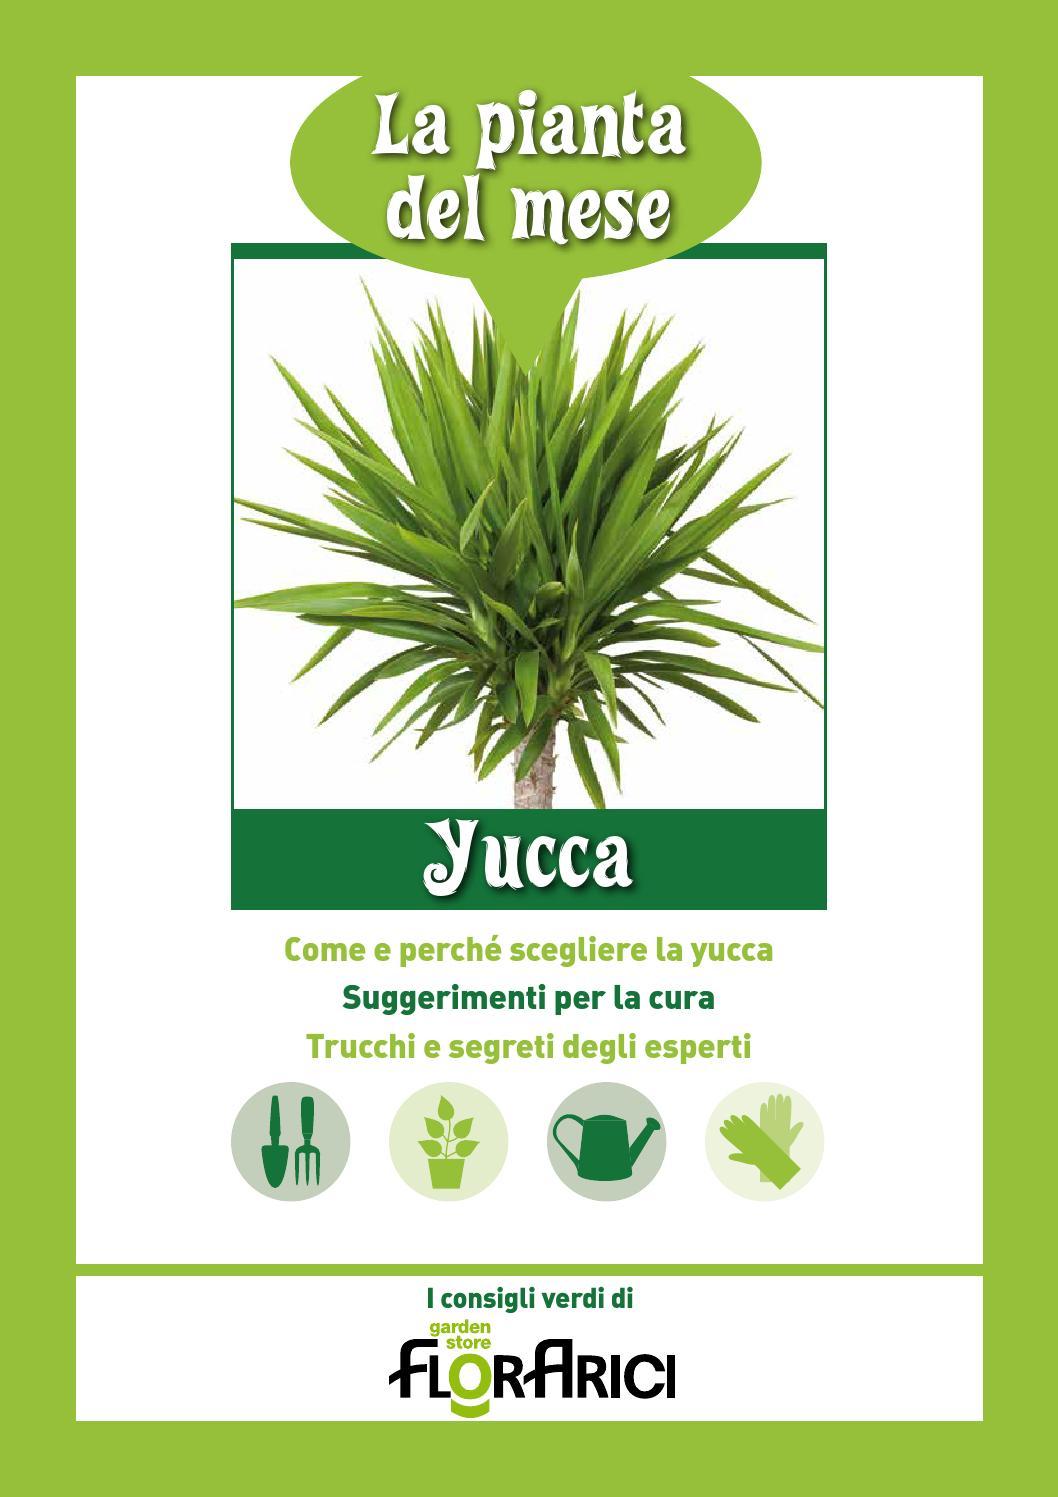 Tronchetto Della Felicità Da Esterno yucca - la pianta del mese di aprile 2016 di florarici by